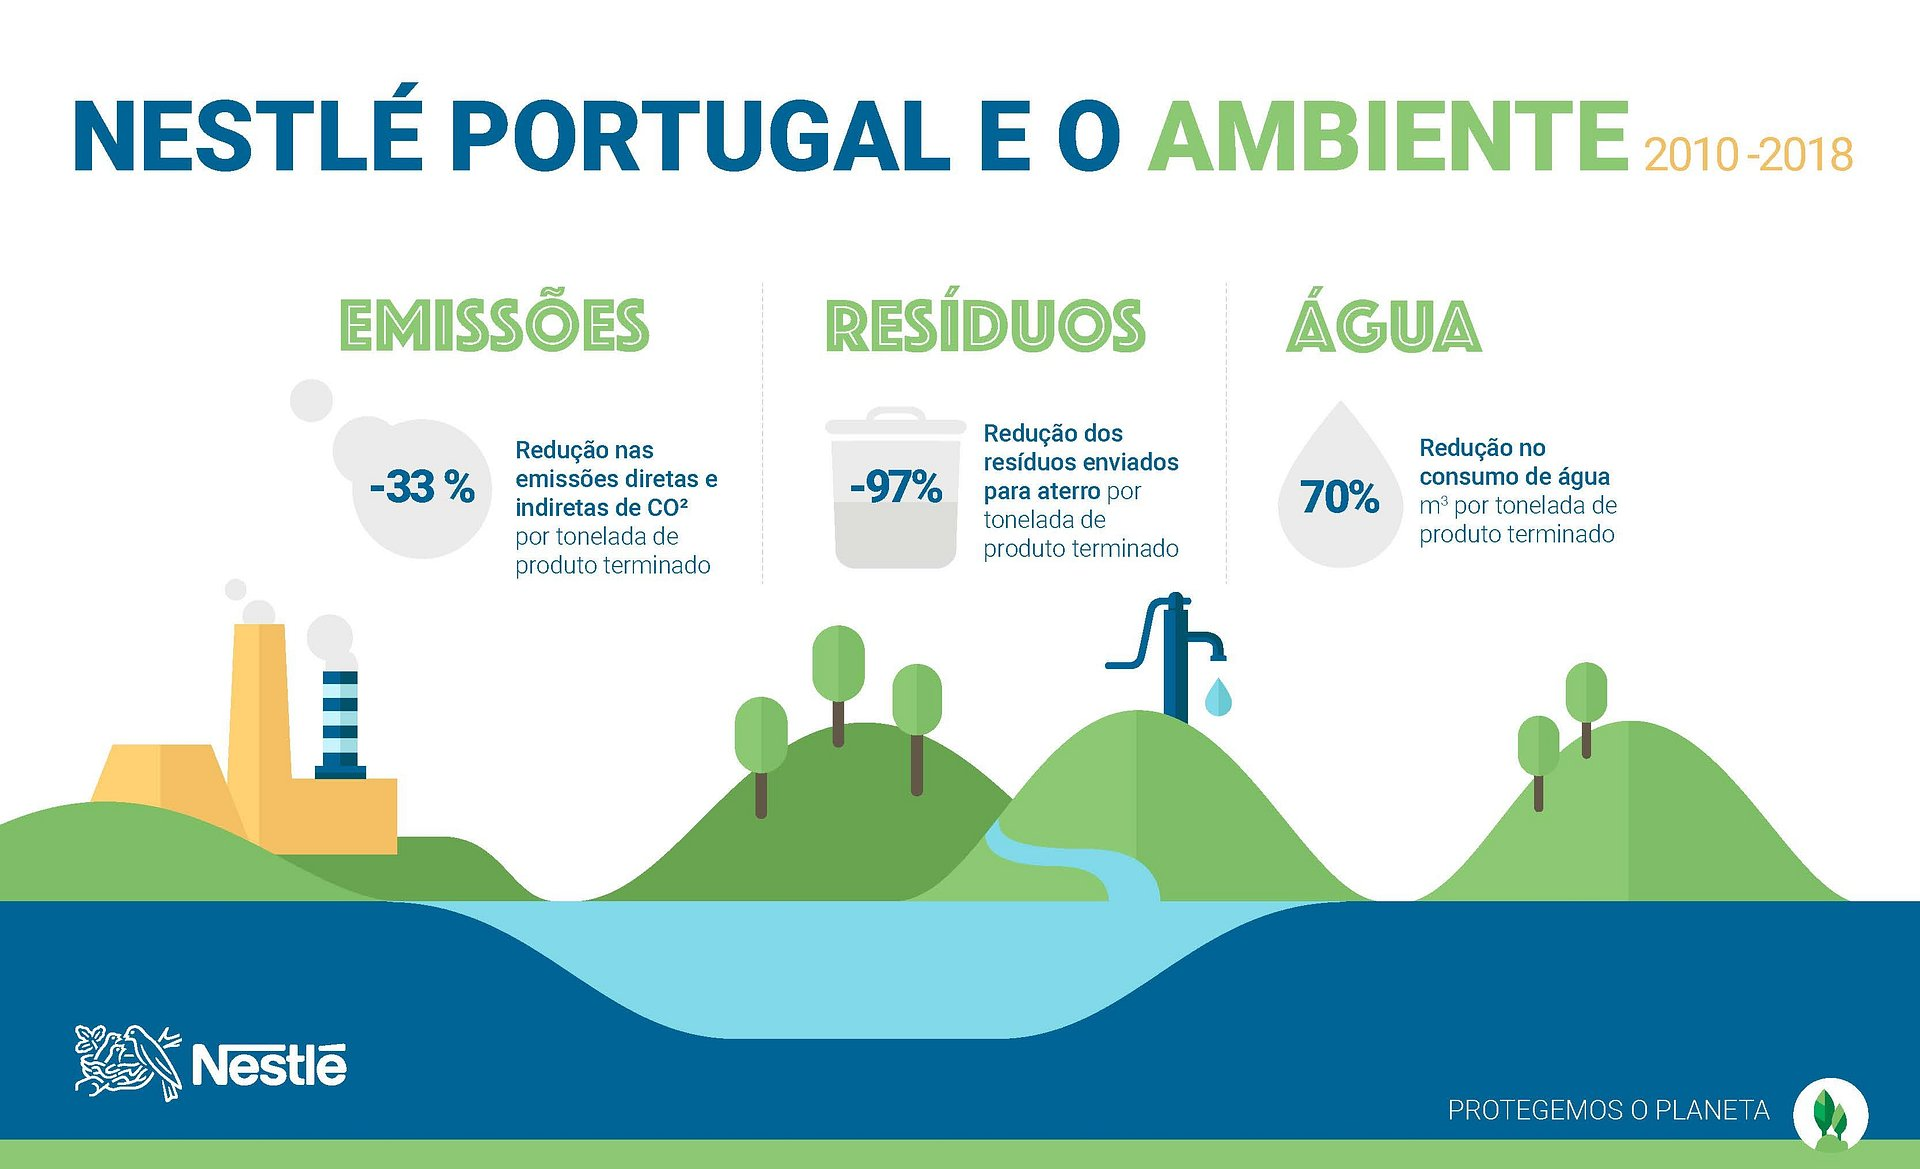 Nestlé Portugal reduziu em 70% a captação de água para as suas operações